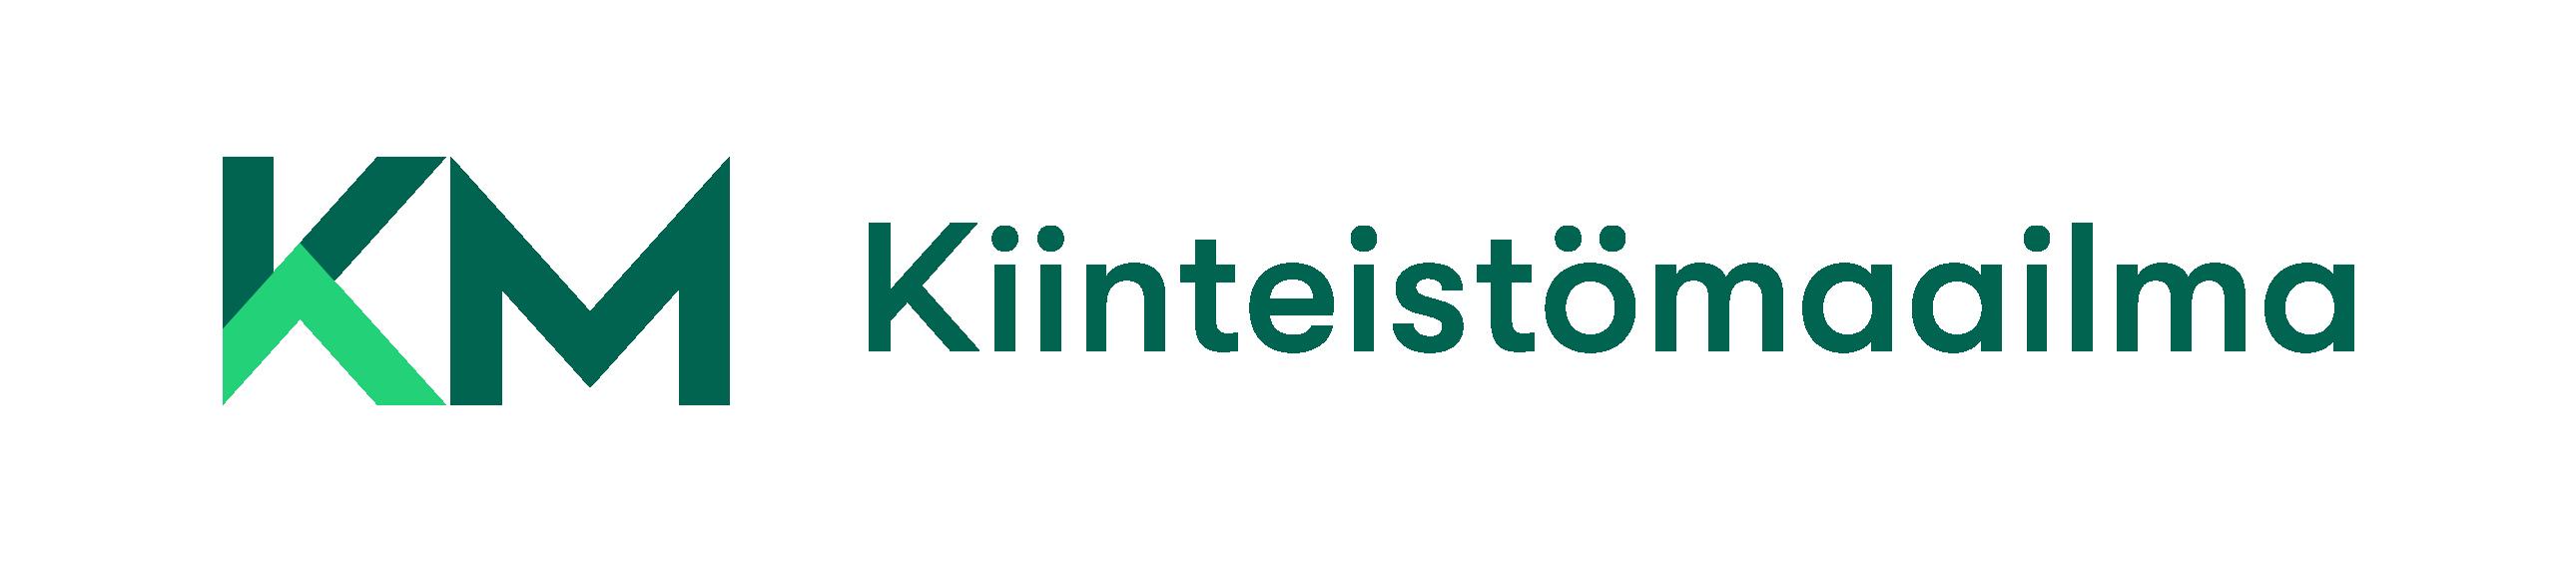 Kiinteistömaailma | Mikkeli,  Asuntoporras Oy